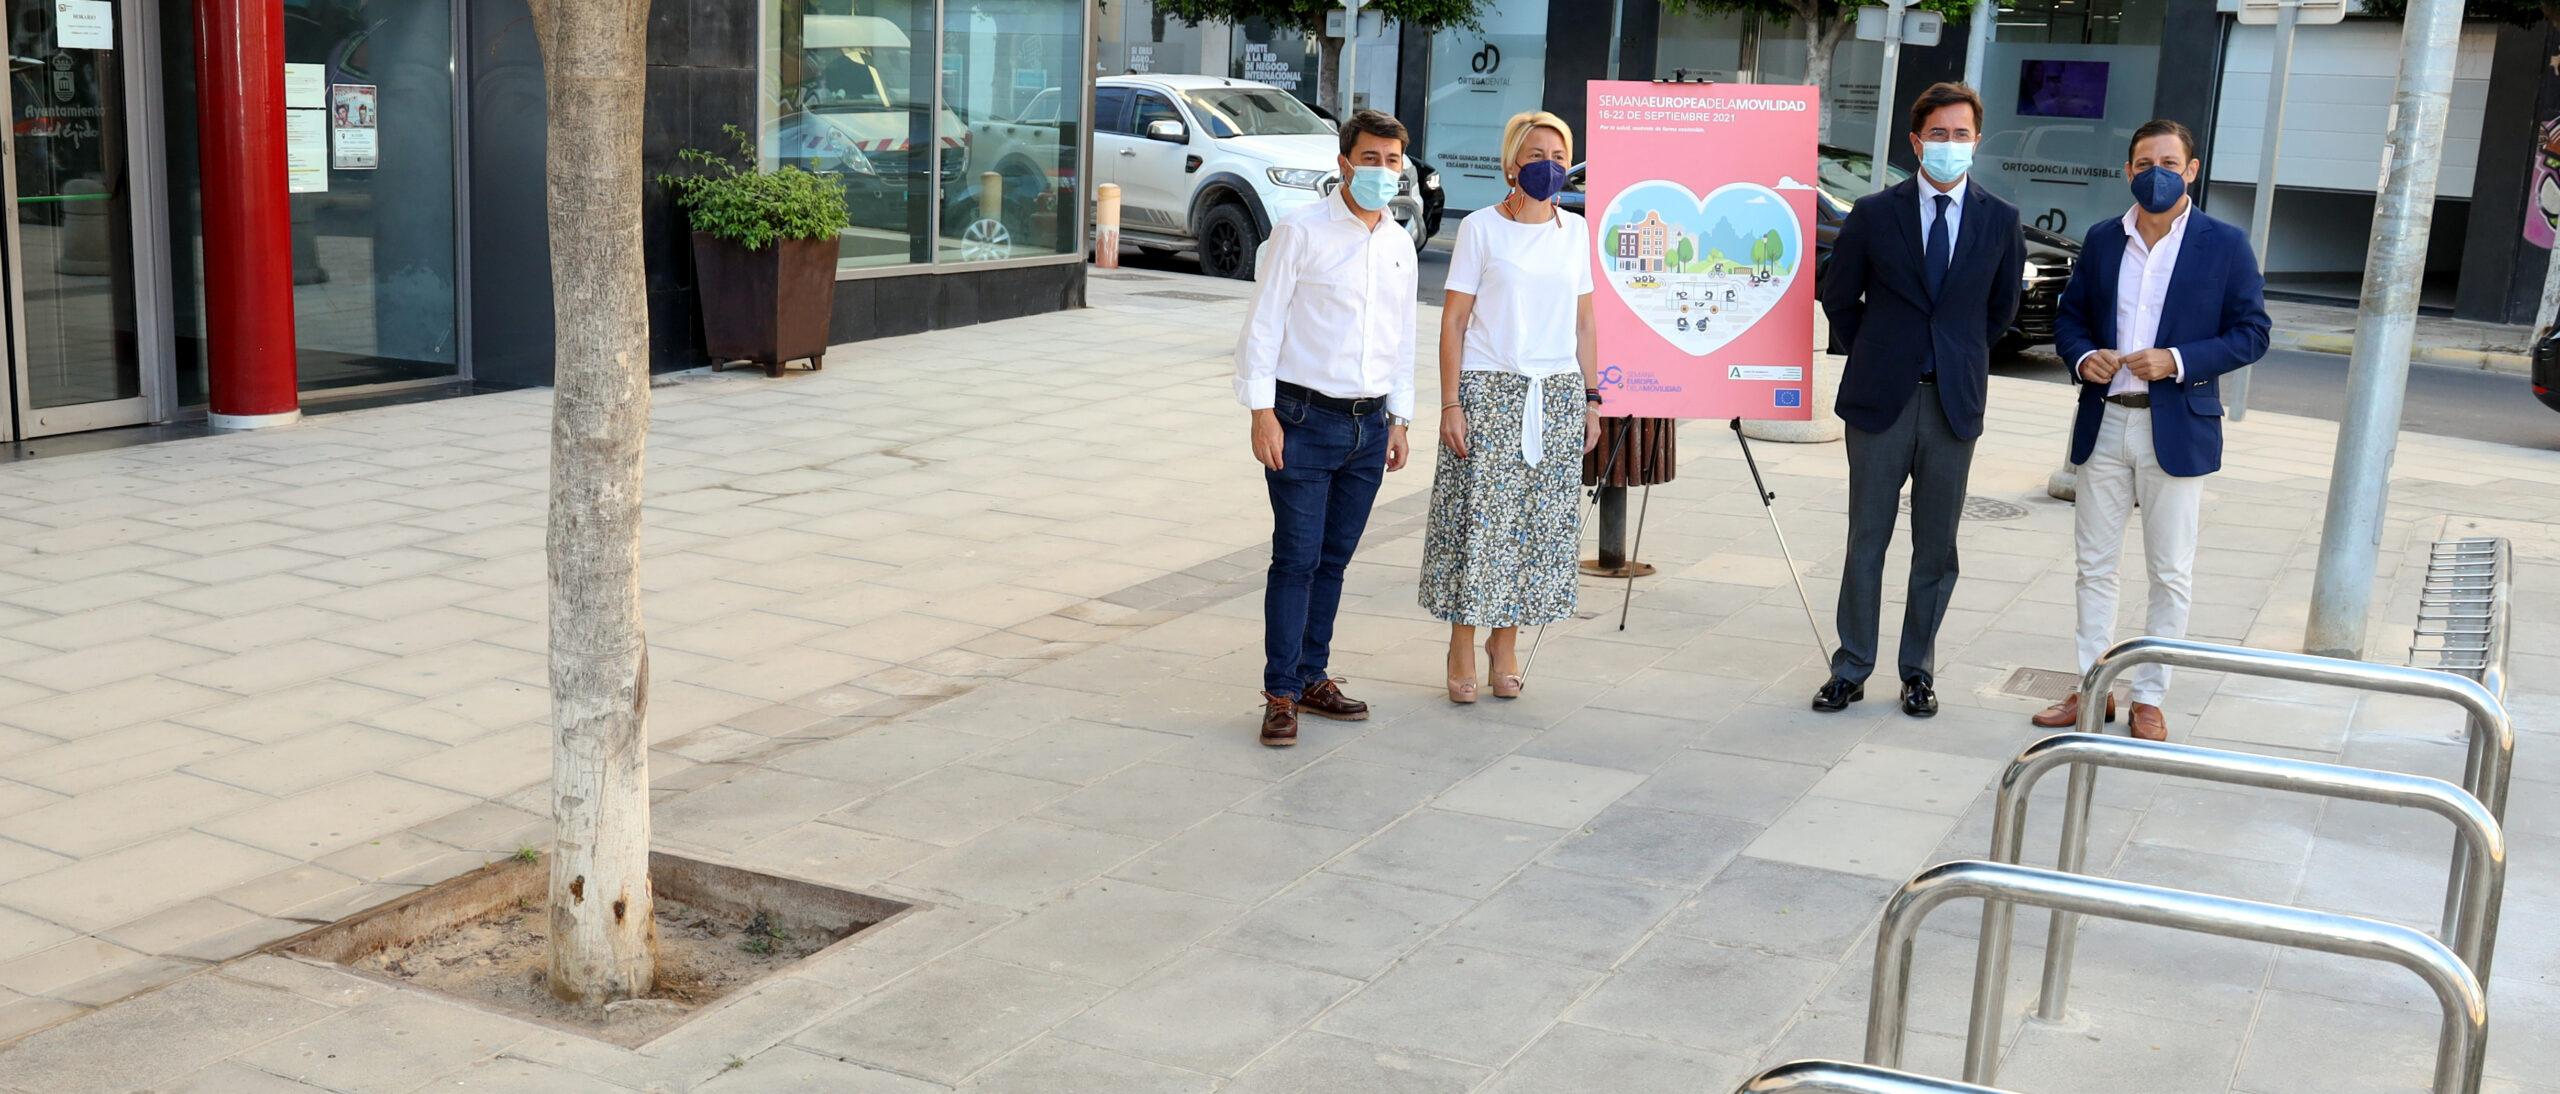 Ayuntamiento de El Ejido y Consorcio de Transporte colaboran en el fomento de la movilidad sostenible en el municipio